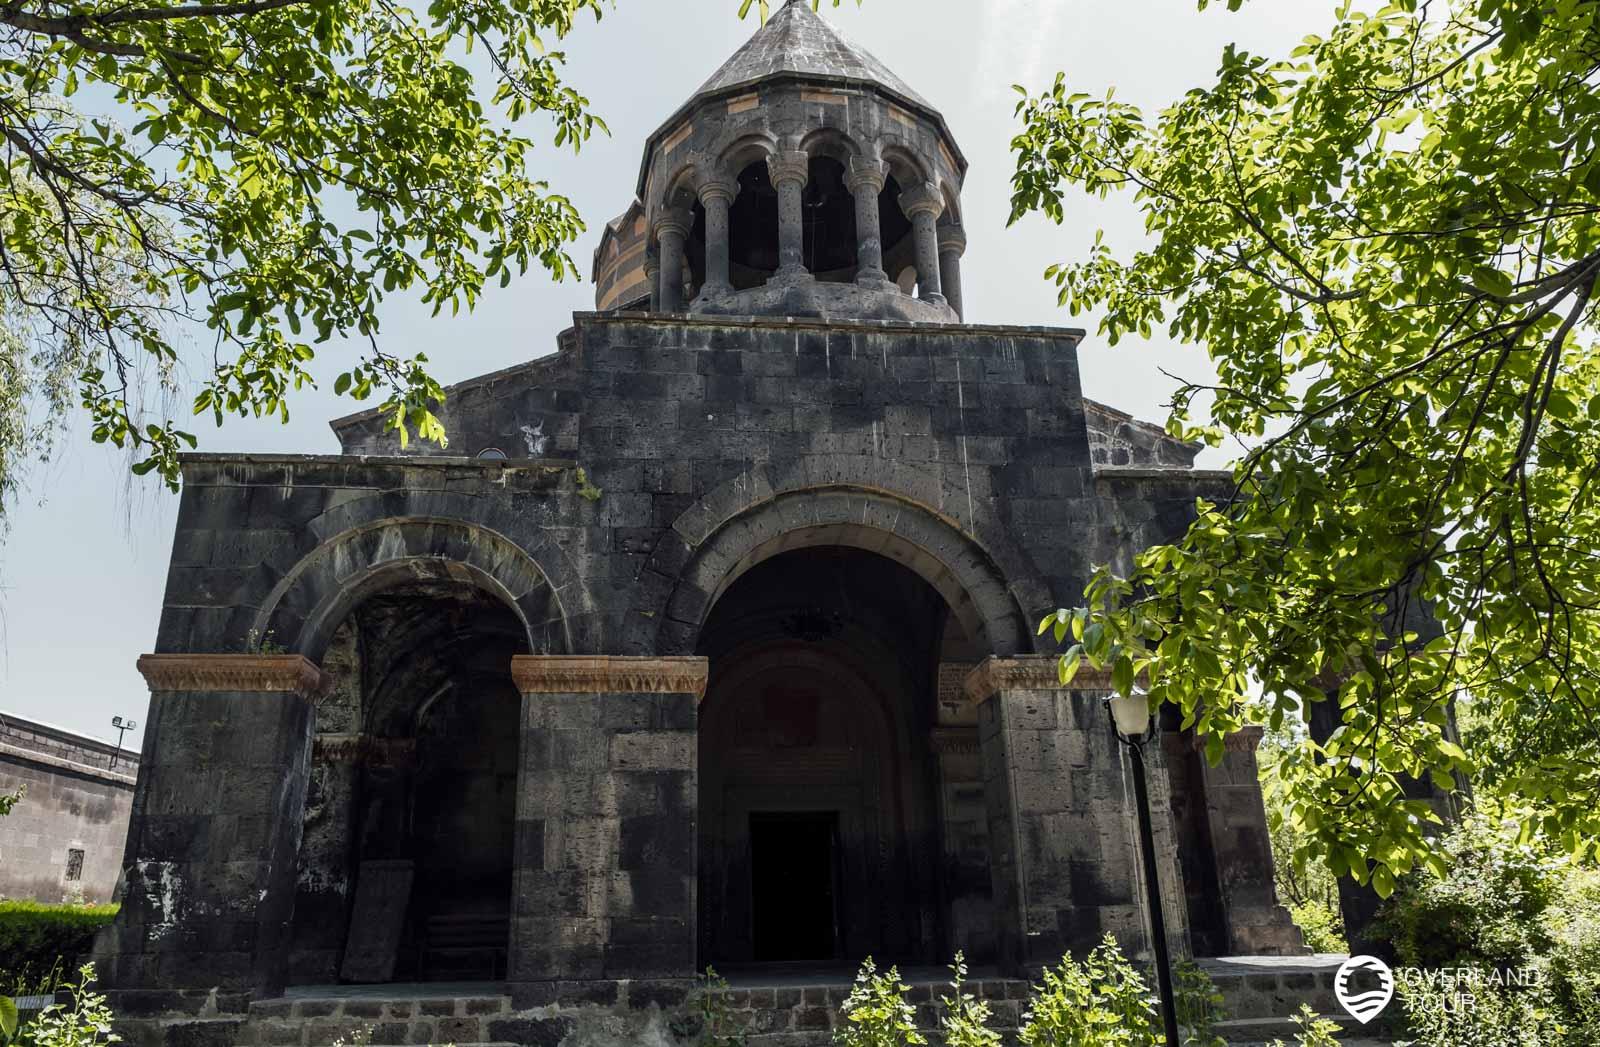 Mitte des 17. Jahrhunderts wurde die Kirche als eine dreischiffigen Kuppelbasilika erbaut und liegt in der Mitte des Dorfes Mughni